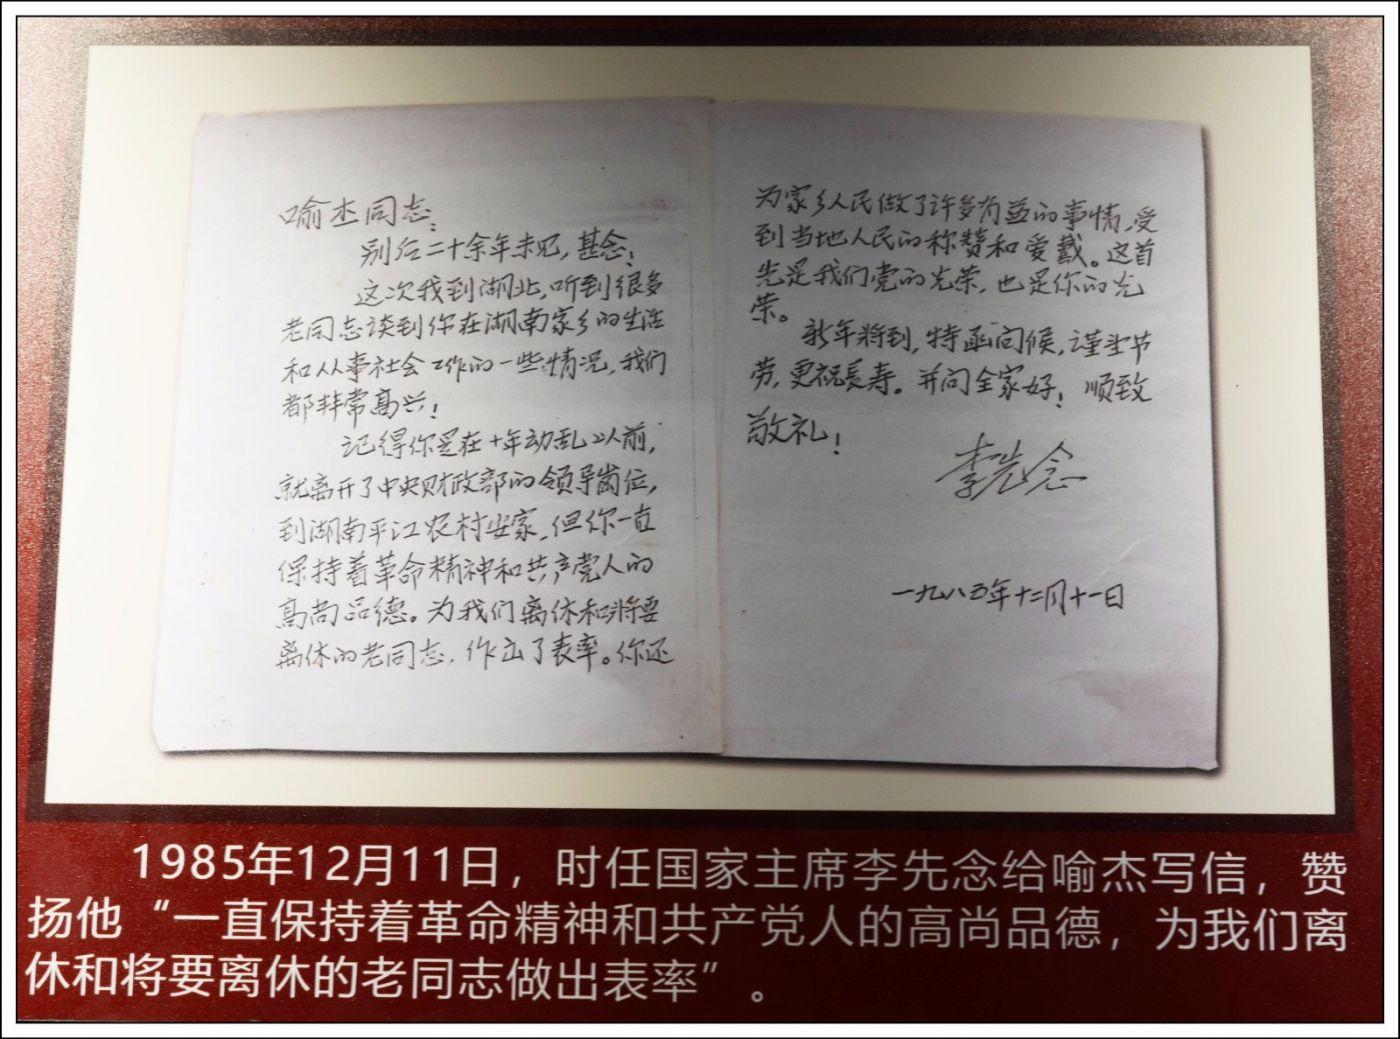 人民公仆之喻杰精神颂(诗文)_图1-9